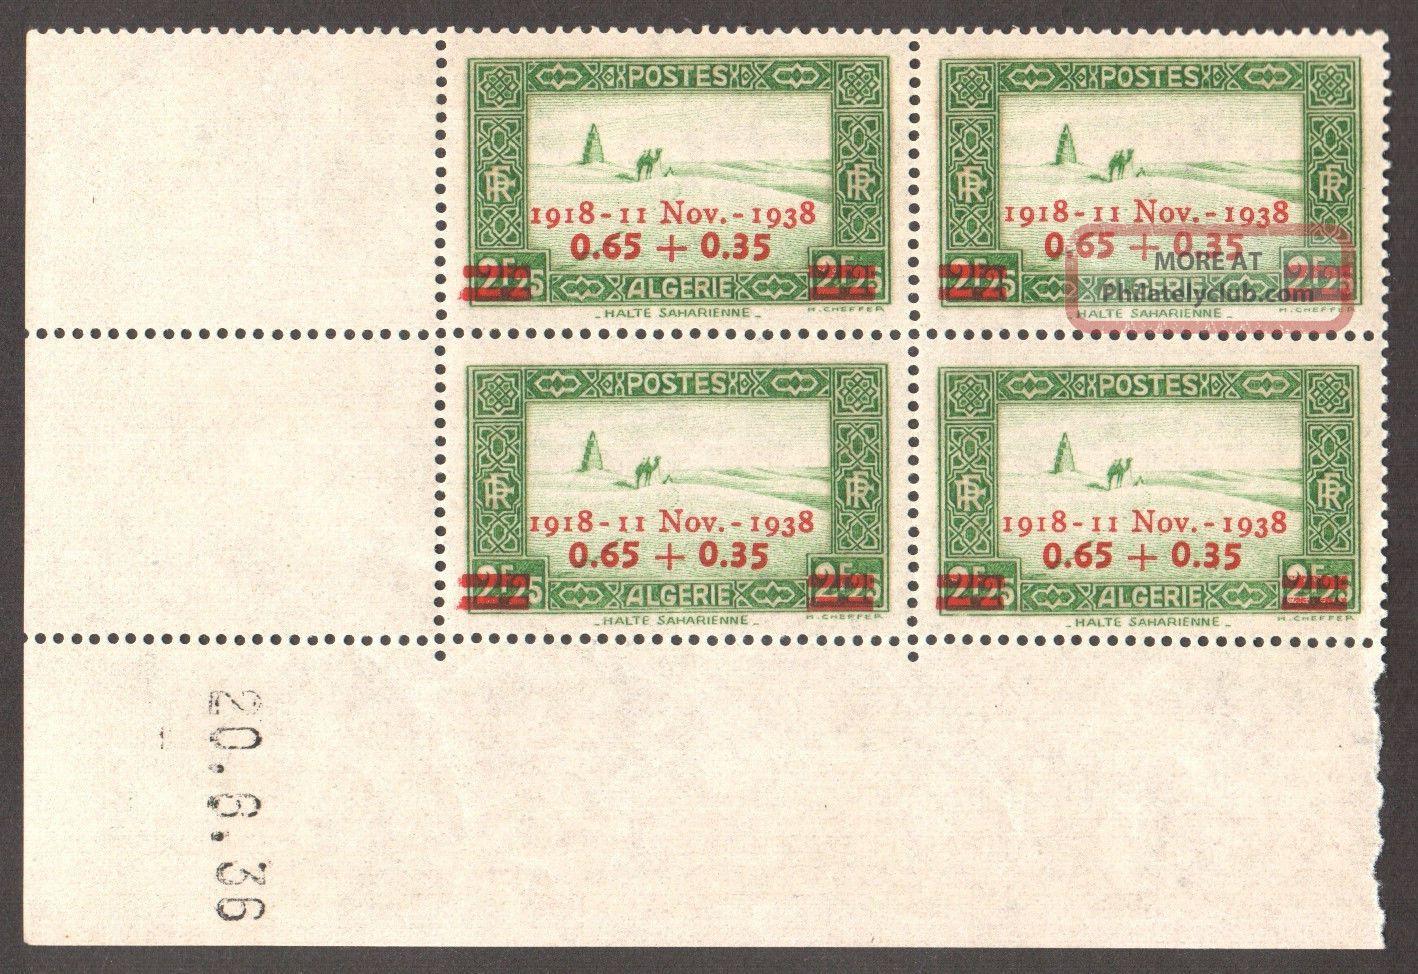 Algeria 1938 - 20th Anniv Of Armstice,  Scott B27 - Dated Block Of 04 Africa photo